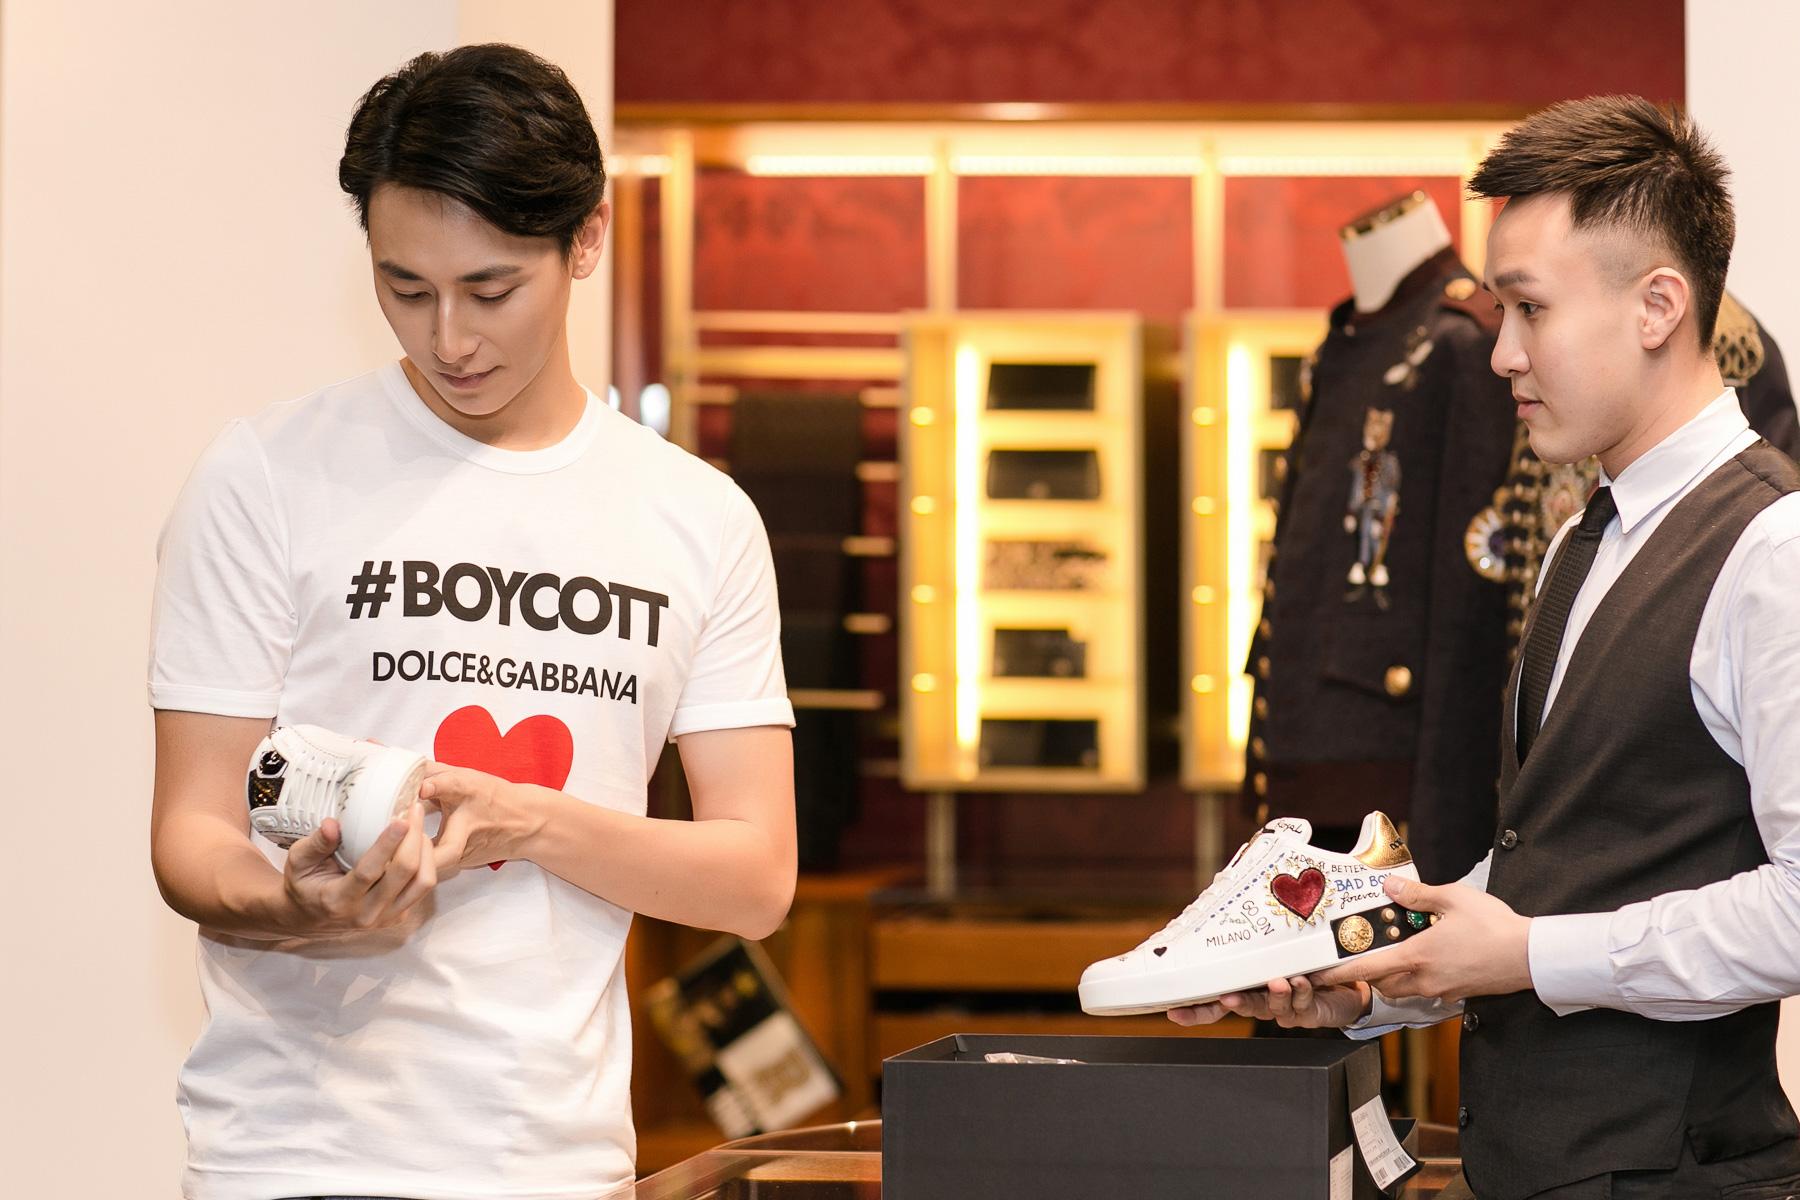 """Rocker Nguyễn cũng là một trong số những """"millennials"""" sẽ có mặt trong sự kiện khai trương của Dolce & Gabbana. Anh """"mê mẩn"""" những đôi giày sneakers hiện đang """"làm mưa làm gió"""" trên mạng xã hội của Dolce & Gabbana"""